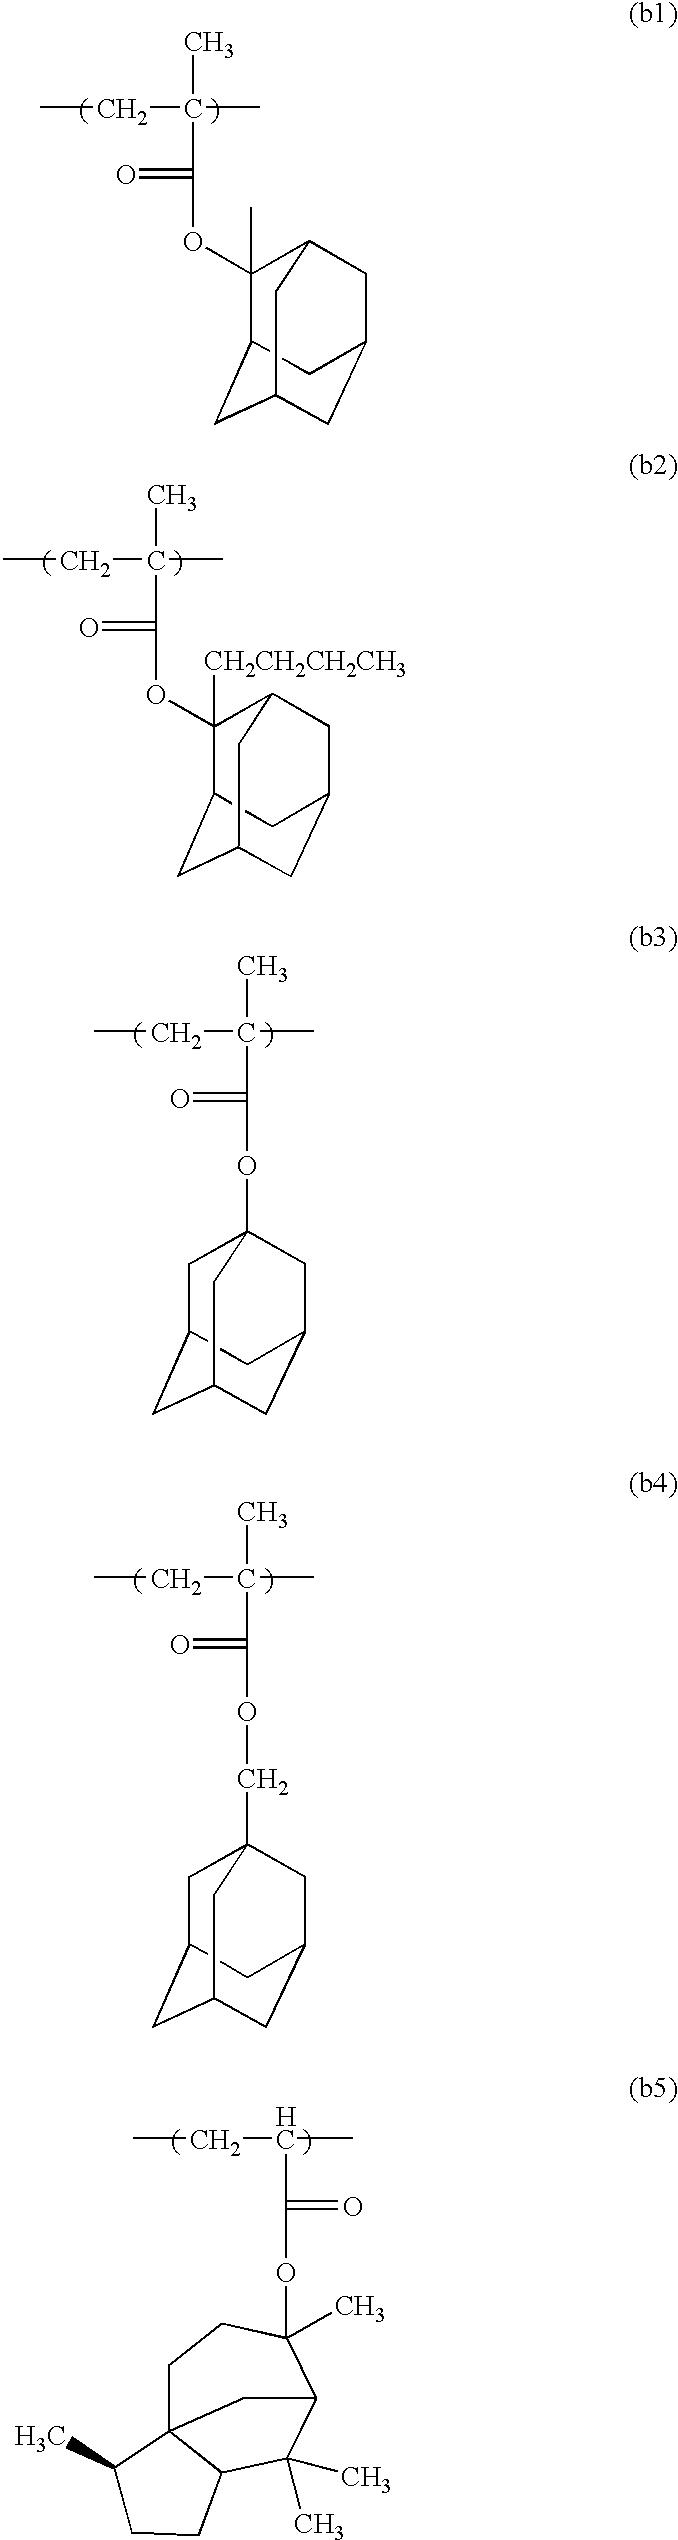 Figure US06492091-20021210-C00054